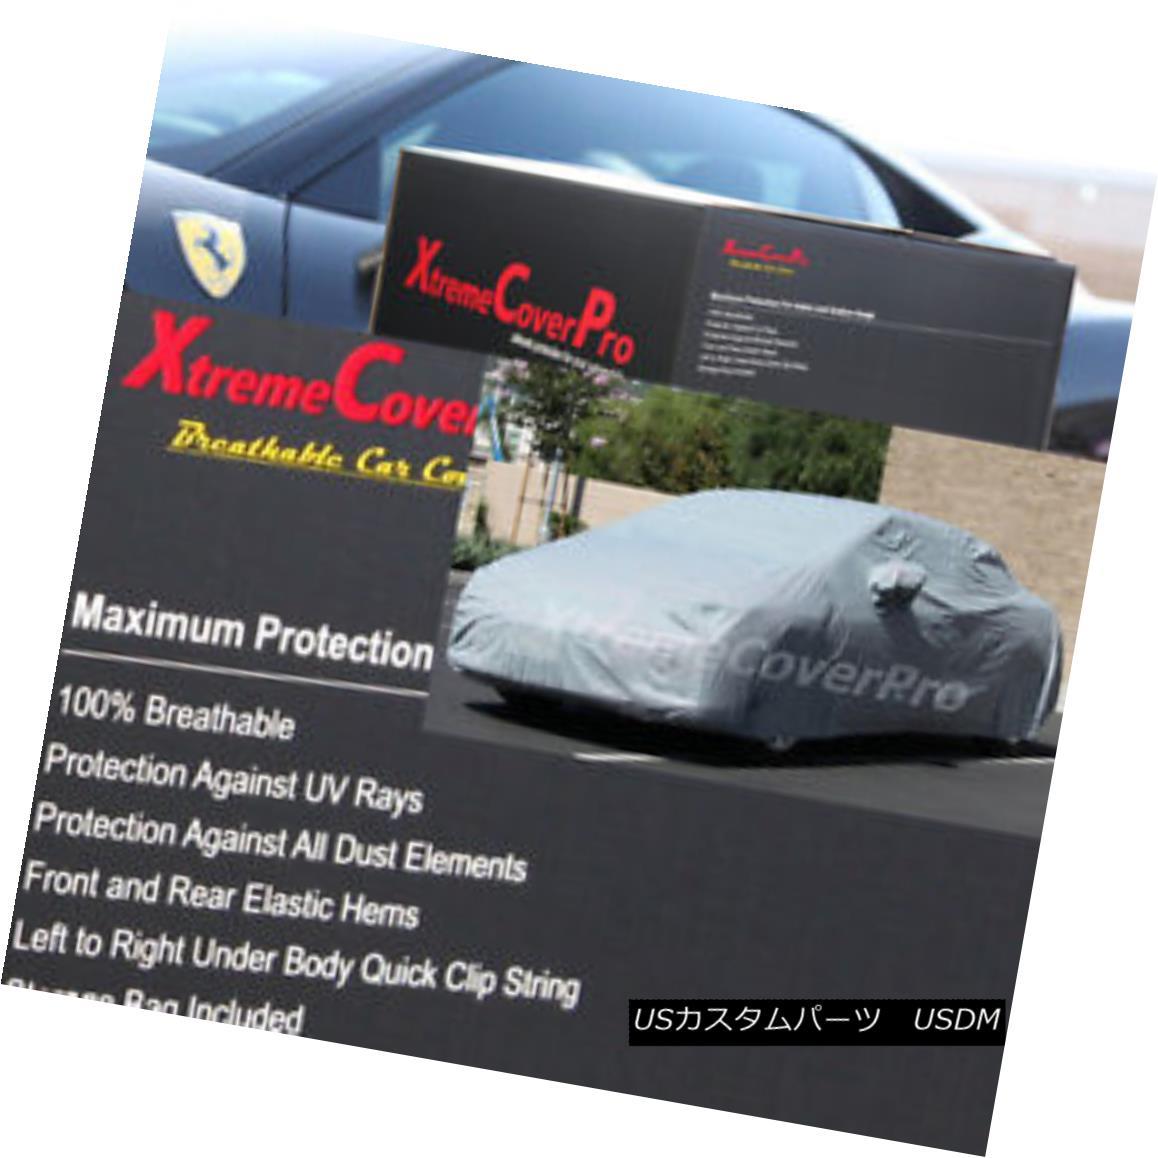 カーカバー 1998 1999 2000 Chrysler Sebring JX LX Breathable Car Cover w/MirrorPocket 1998年1999年2000年クライスラーセブリングJX LX通気性車カバー付き(MirrorPocket)